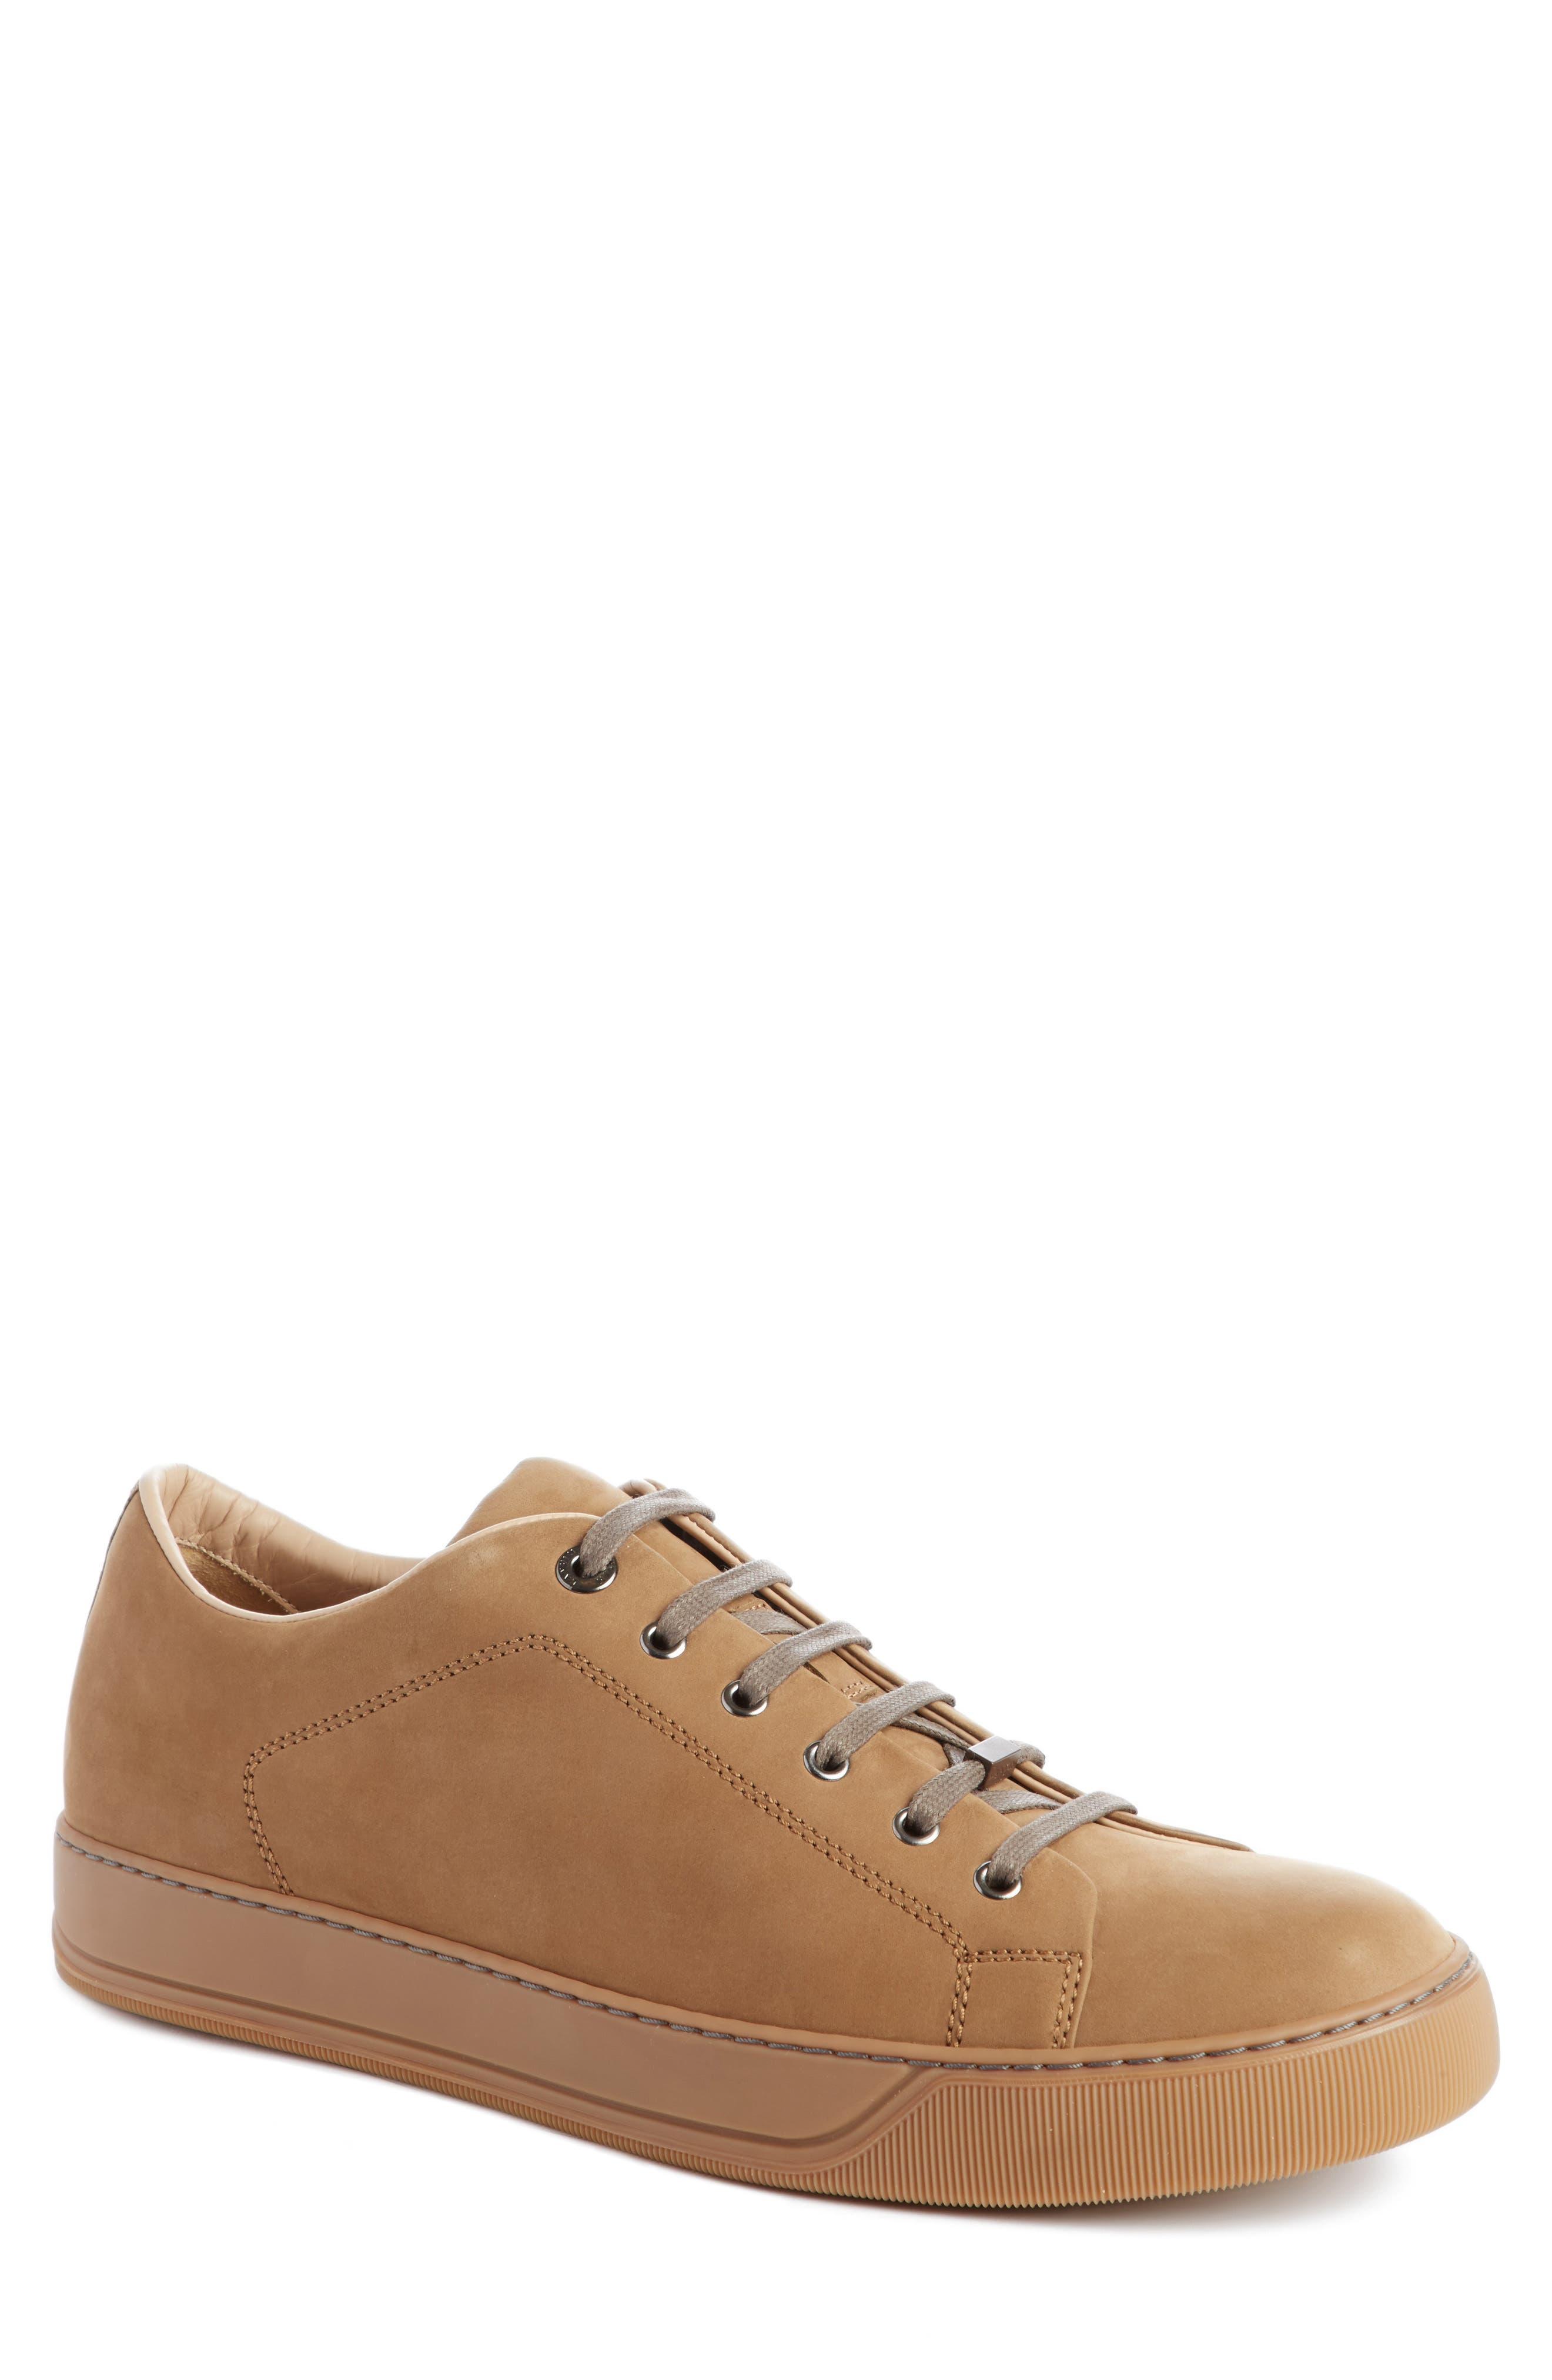 Lanvin Low Top Cap Toe Sneaker (Men)